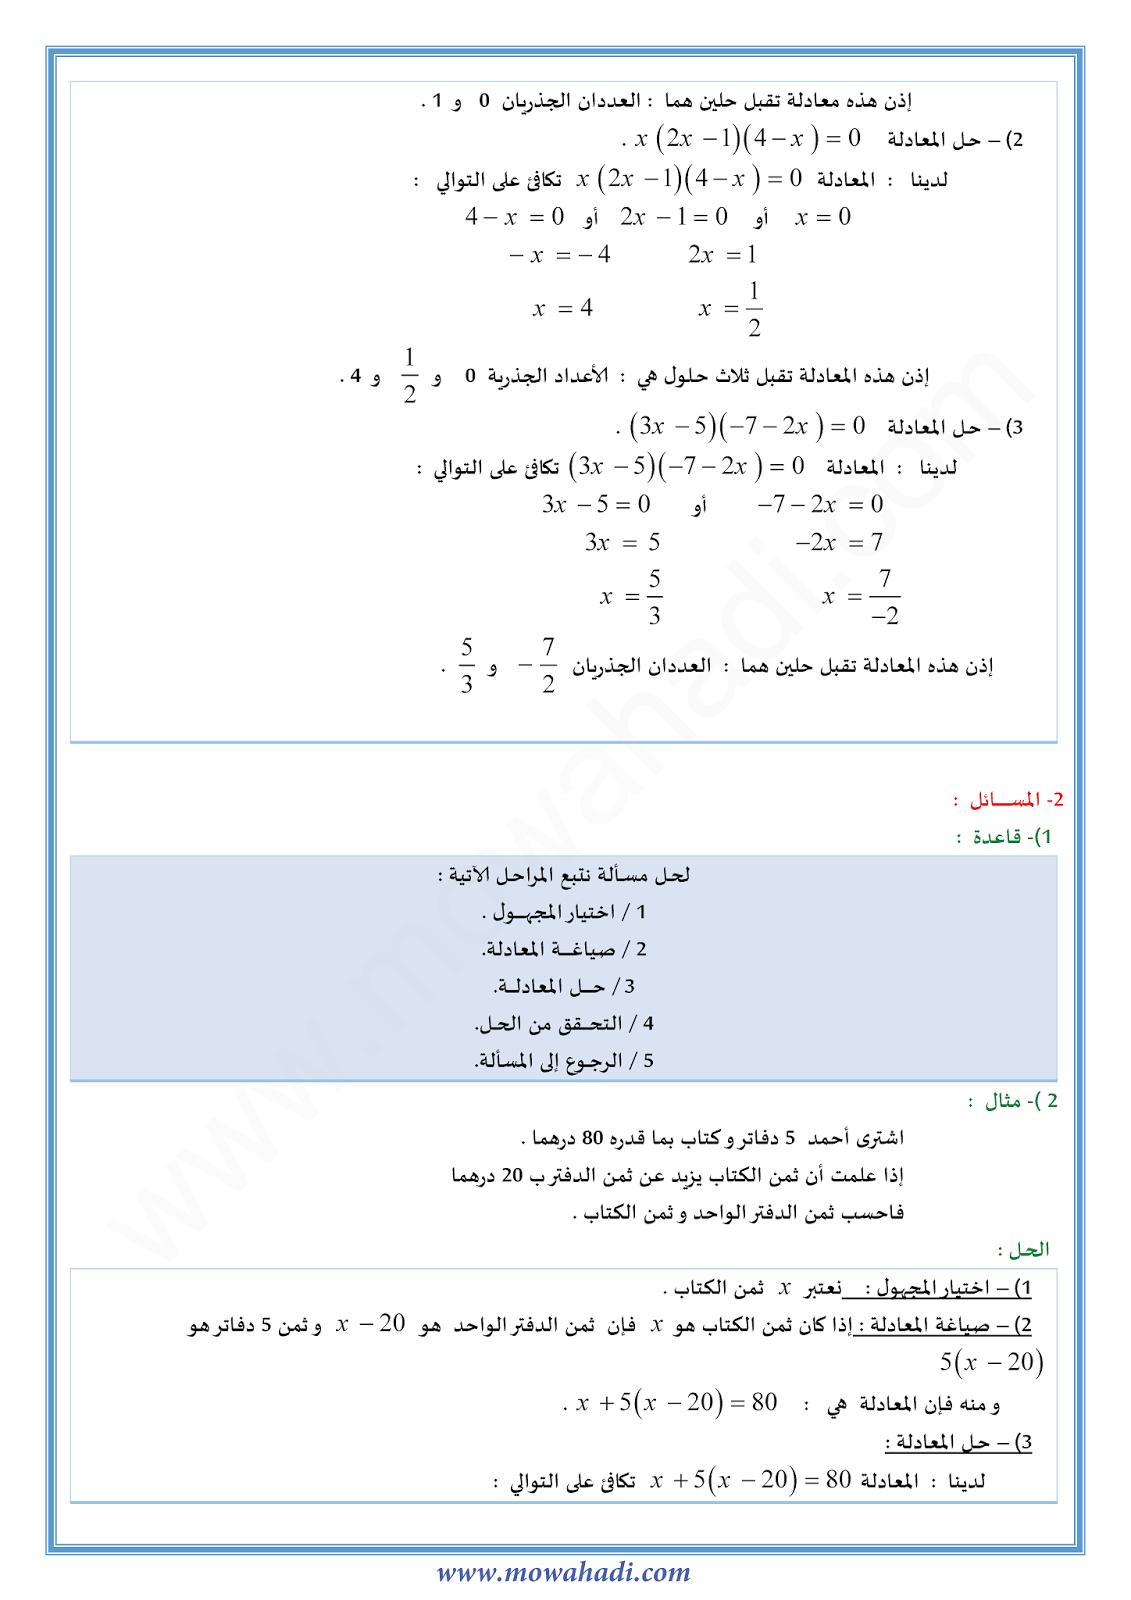 المعادلات في الرياضيات